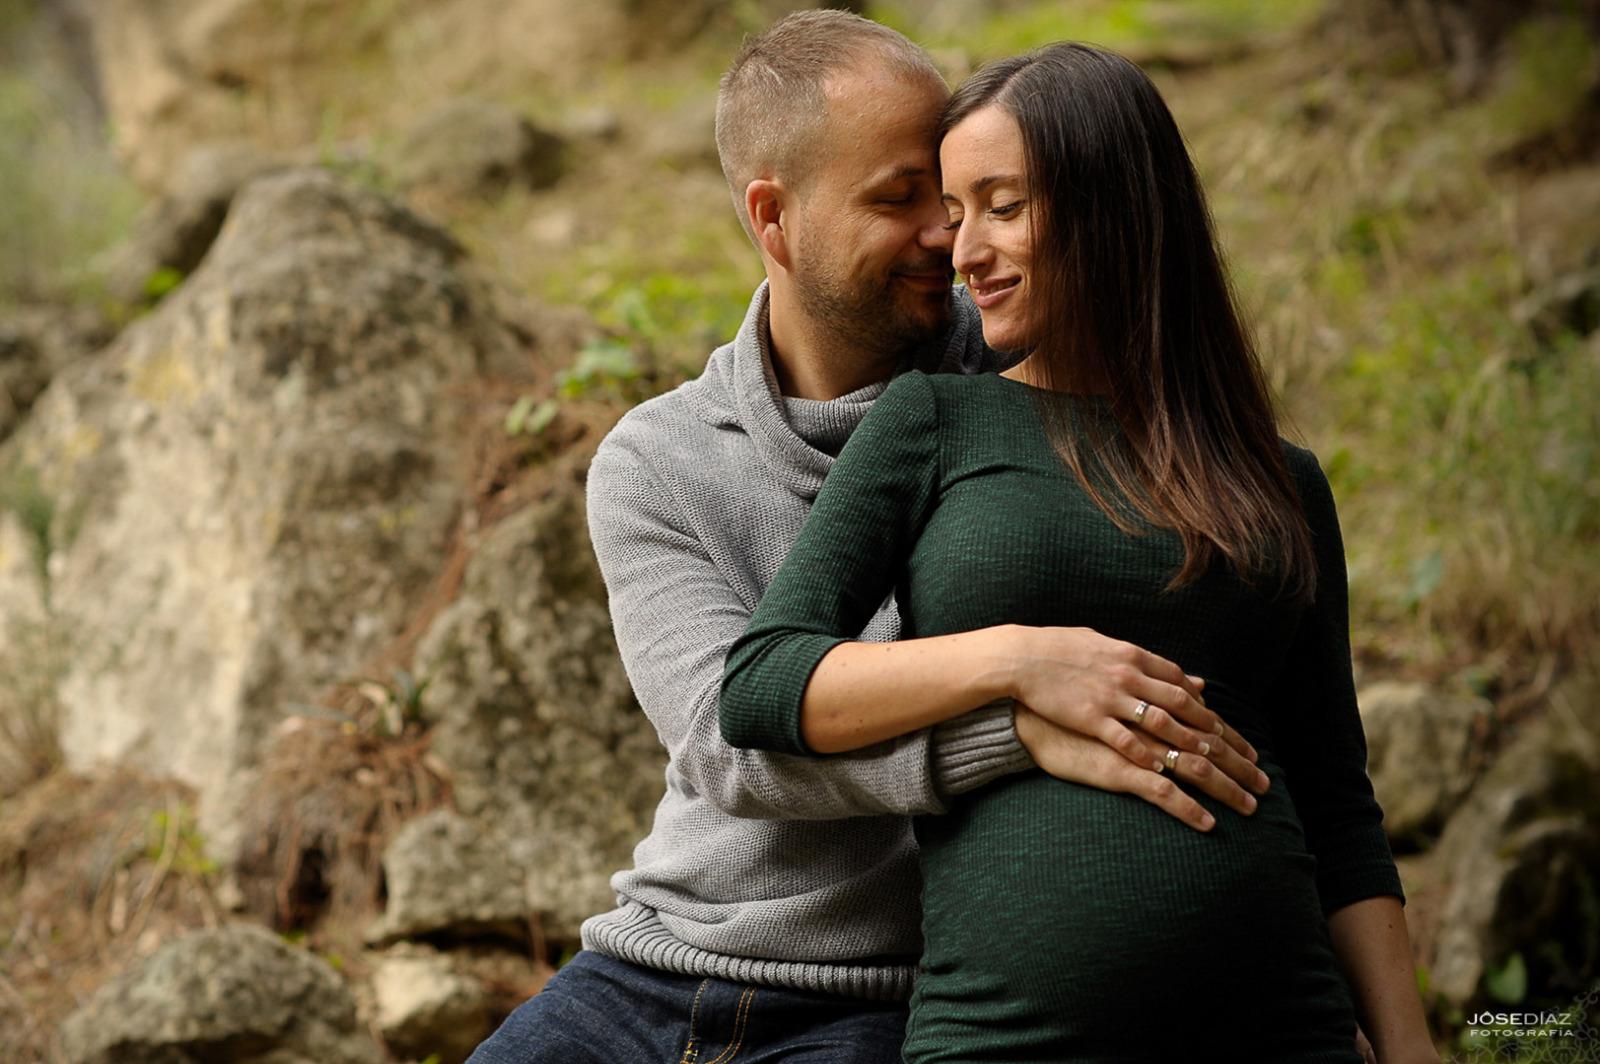 fotografías premamá, reportaje de embarazo, fotos en el campo, fotógrafos Málaga